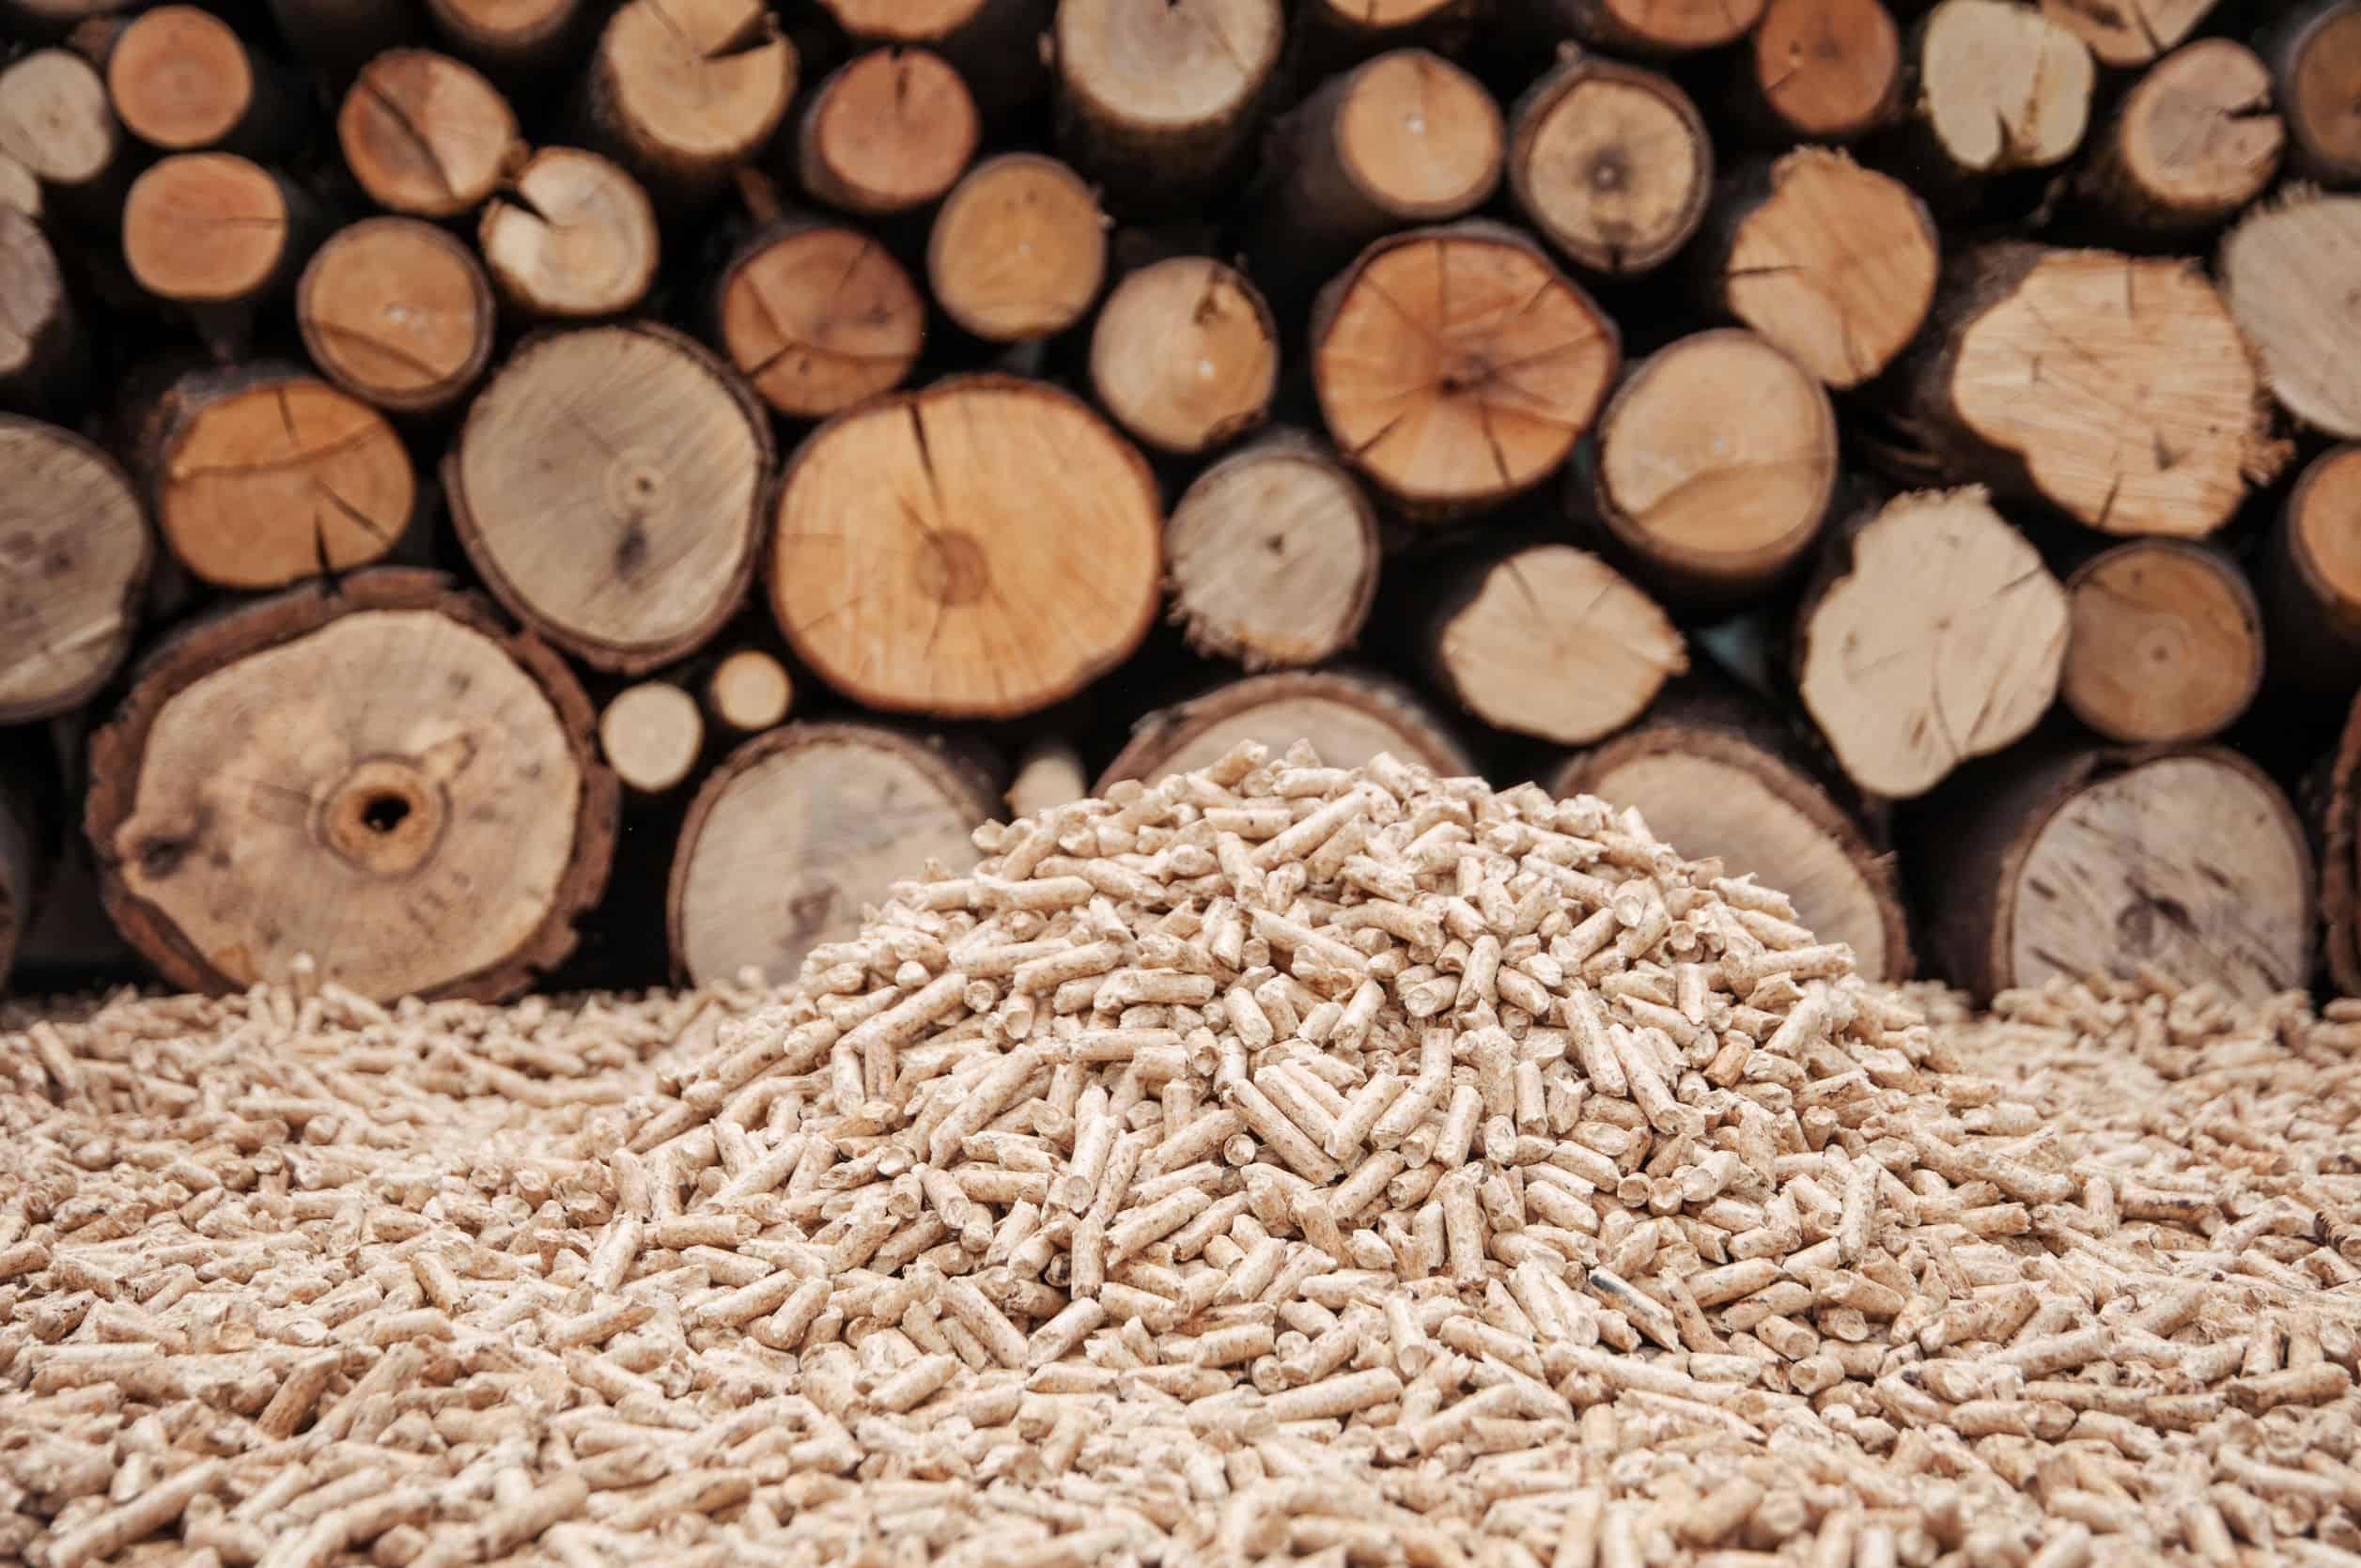 Pijnboompellets voor een muur van brandhout